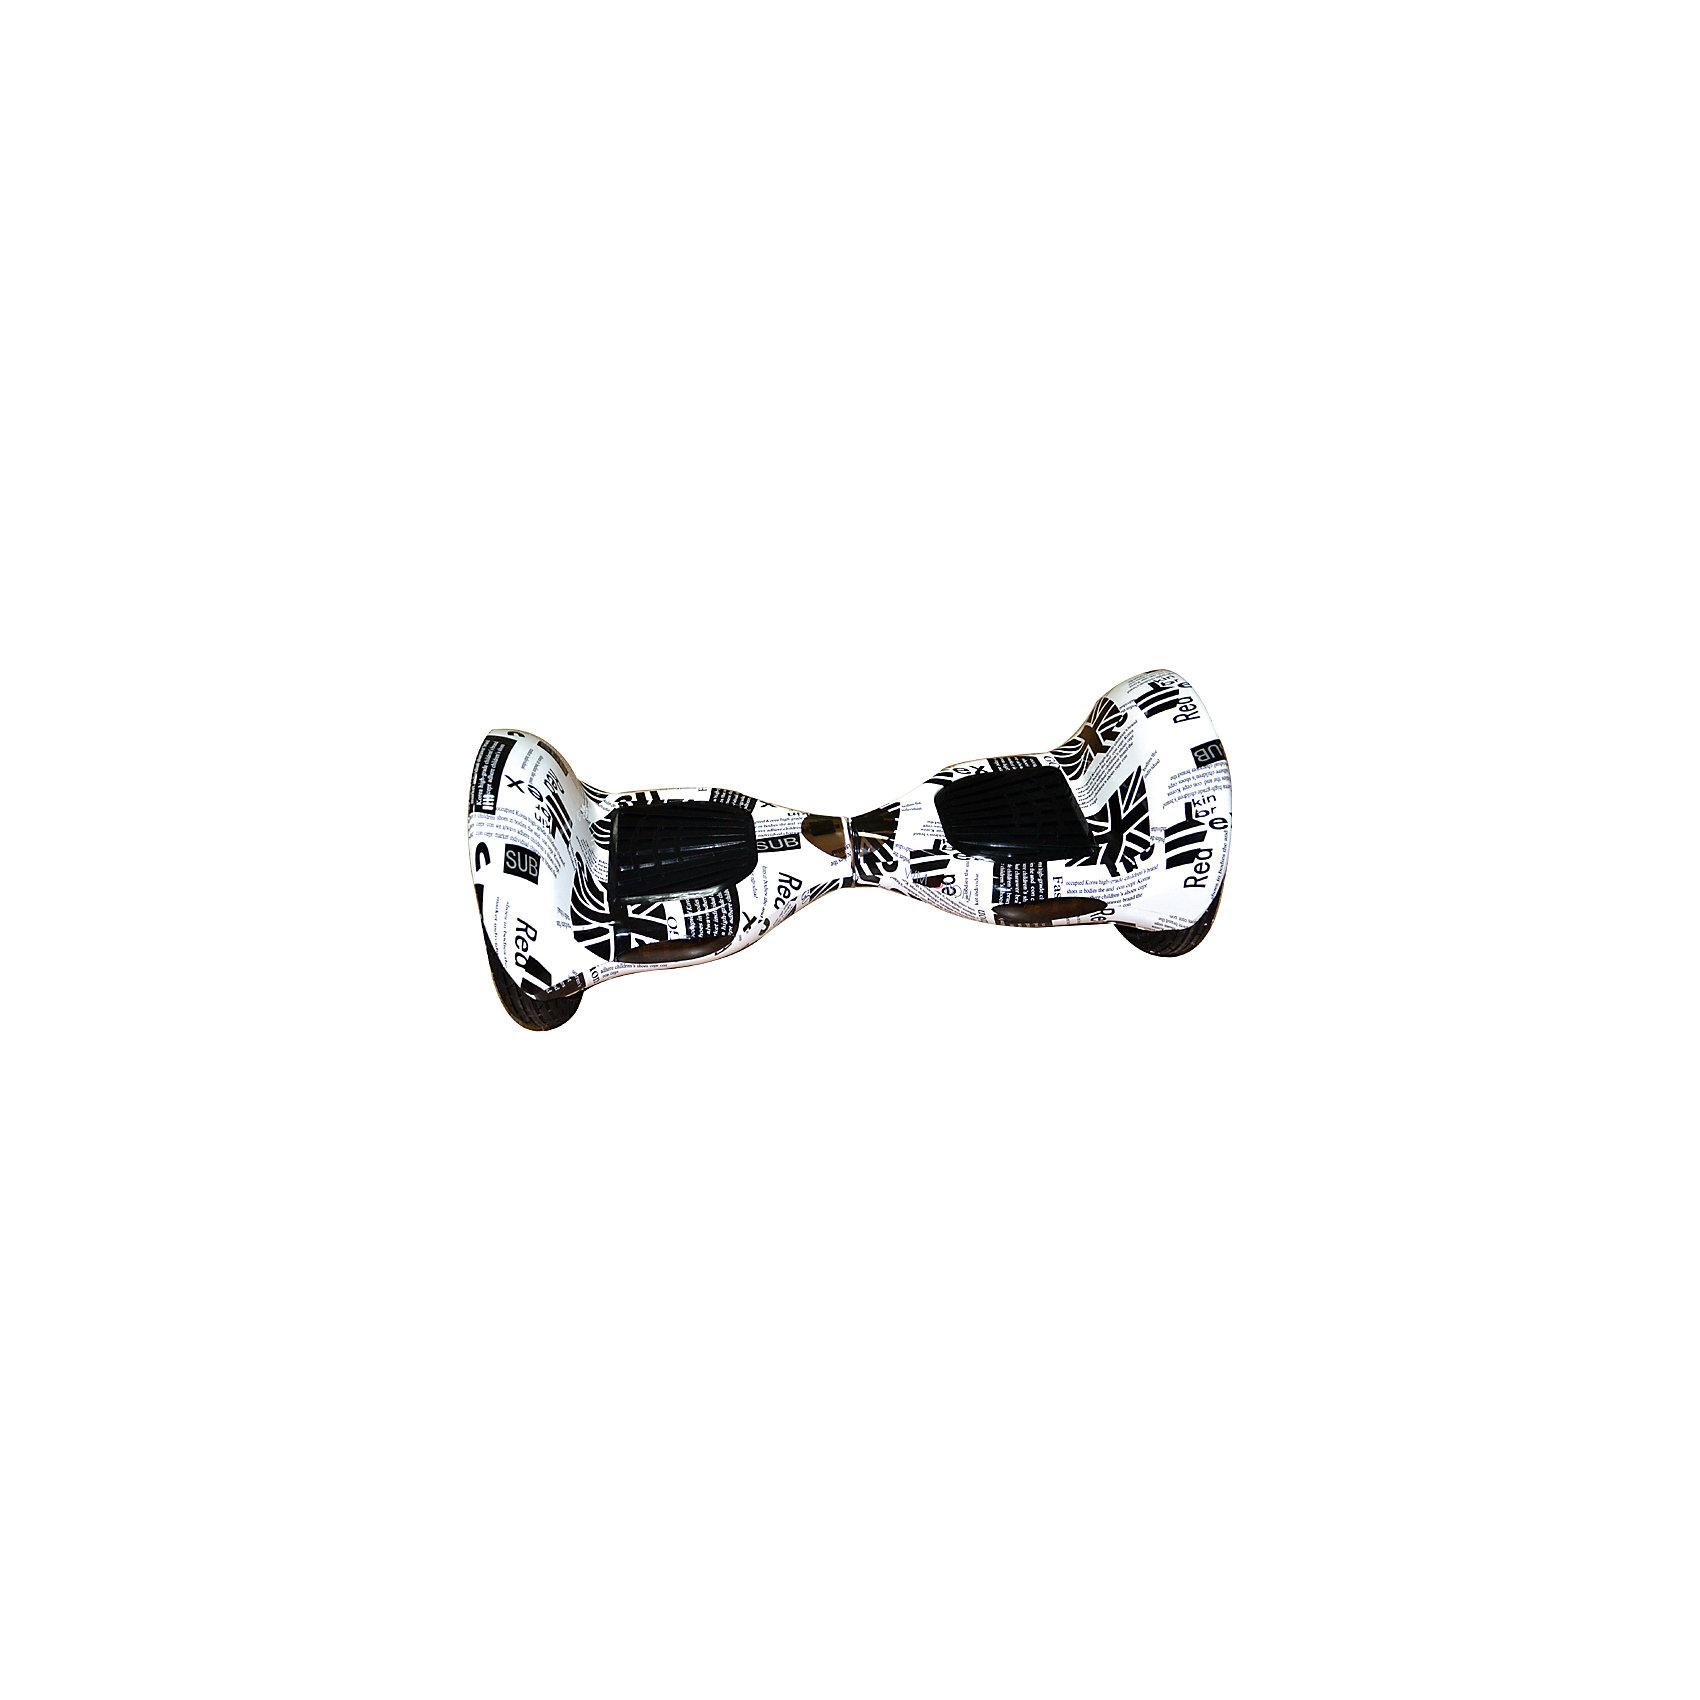 Гироскутер, флаг, WMOTIONГироскутеры<br>Характеристики товара:<br><br>• материал: металл<br>• размер: 66х27х27 см<br>• комплектация: гироскутер, зарядка, сумка, инструкция по эксплуатации, гарантийный талон, коробка<br>• цвет: черный, белый<br>• диаметр колёс: 10 дюймов<br>• максимальная нагрузка: 125 кг<br>• максимальная скорость – 12 км/ч <br>• максимальное расстояние, которое можно проехать на одном заряде: до 25 км <br>• мощность электродвигателя: 350 Вт<br>• ёмкость аккумулятора: 4 400 мАч<br>• время, необходимое для полной зарядки аккумулятора: до 1,5 ч<br>• встроенная колонка<br>• вес: 15 кг<br>• страна производитель: Китай<br>• страна бренда: Китай<br><br>Один из самых модных на настоящий моментов вид передвижения - это гироскутер. Он эффектно выглядит, позволяет ехать со скоростью выше, чем у пешеходов, но при этом достаточно безопасной для владельца. Управлять таким средством передвижения достаточно просто: нужно всего лишь переносить вес тела в определенное направление.<br><br>Такой гироскутер достаточно быстро заряжается, он не много весит. Модель уже пользуется популярностью в западных странах. Она действительно стильно выглядит, особенно в темноте с подсветкой, и позволяет выполнять эффектные трюки! Эта модель также имеет встроенные колонки, с помощью которых можно слушать музыку.<br><br>Гироскутер, флаг, от популярного бренда WMOTION можно купить в нашем интернет-магазине.<br><br>Ширина мм: 270<br>Глубина мм: 270<br>Высота мм: 660<br>Вес г: 12000<br>Возраст от месяцев: 60<br>Возраст до месяцев: 192<br>Пол: Унисекс<br>Возраст: Детский<br>SKU: 5482390